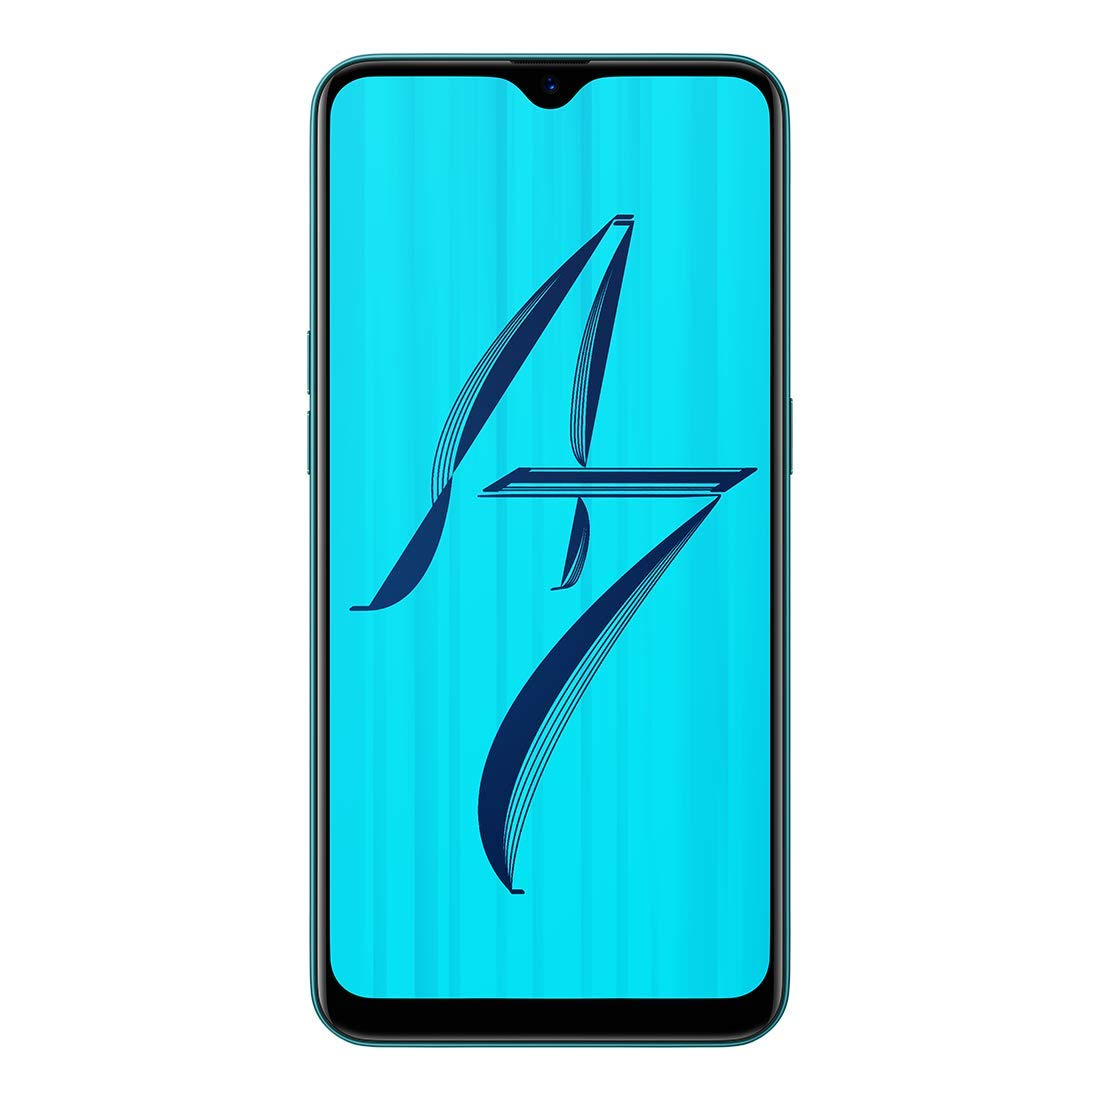 OPPO A7 (Glaze Blue, 4GB RAM, 64GB Storage)